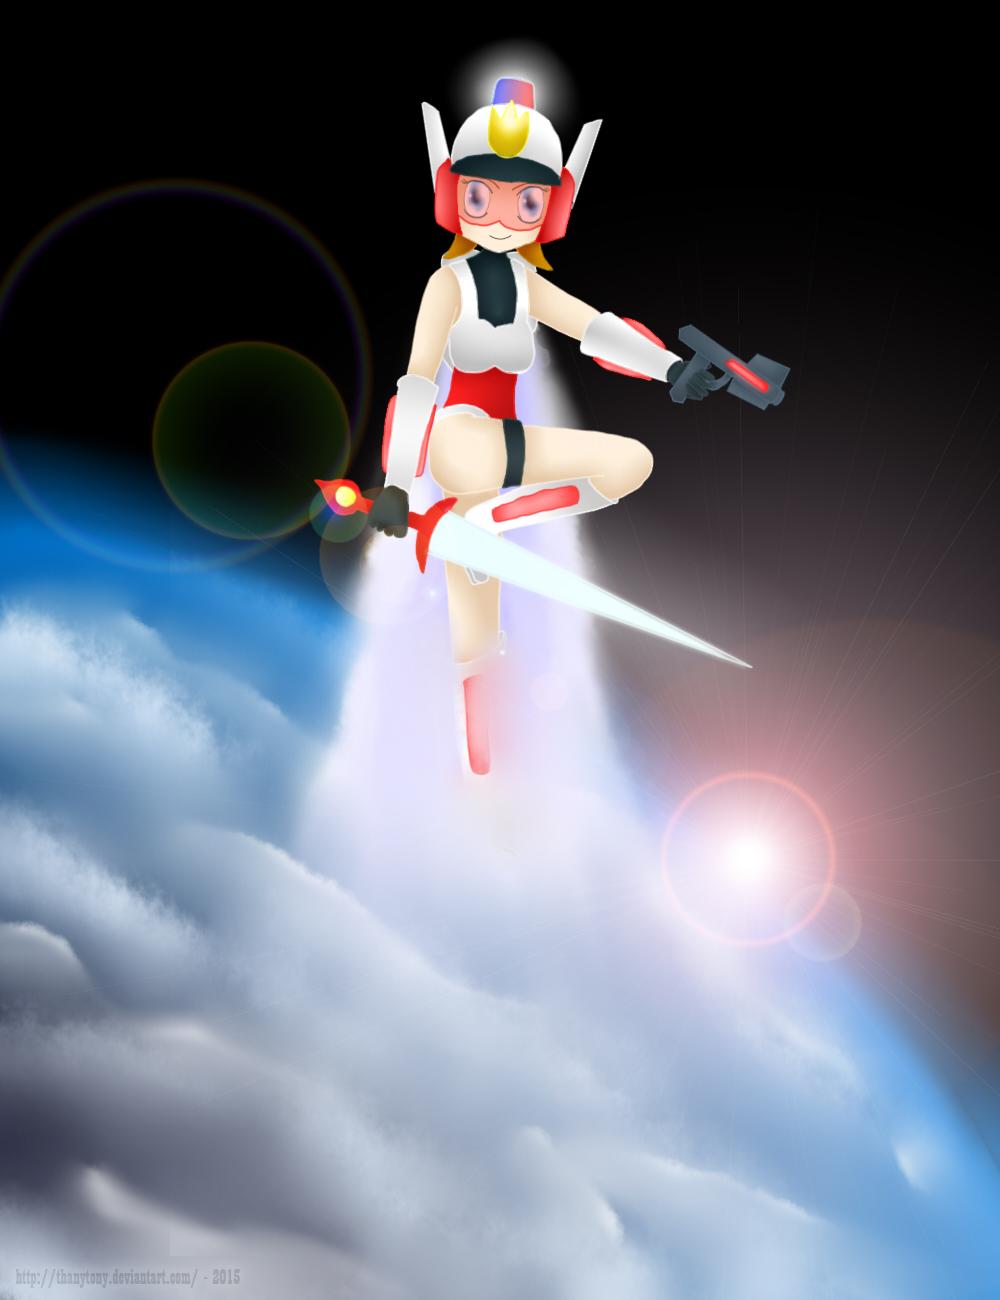 I.D.A. Rocket Patricia by ThanyTony